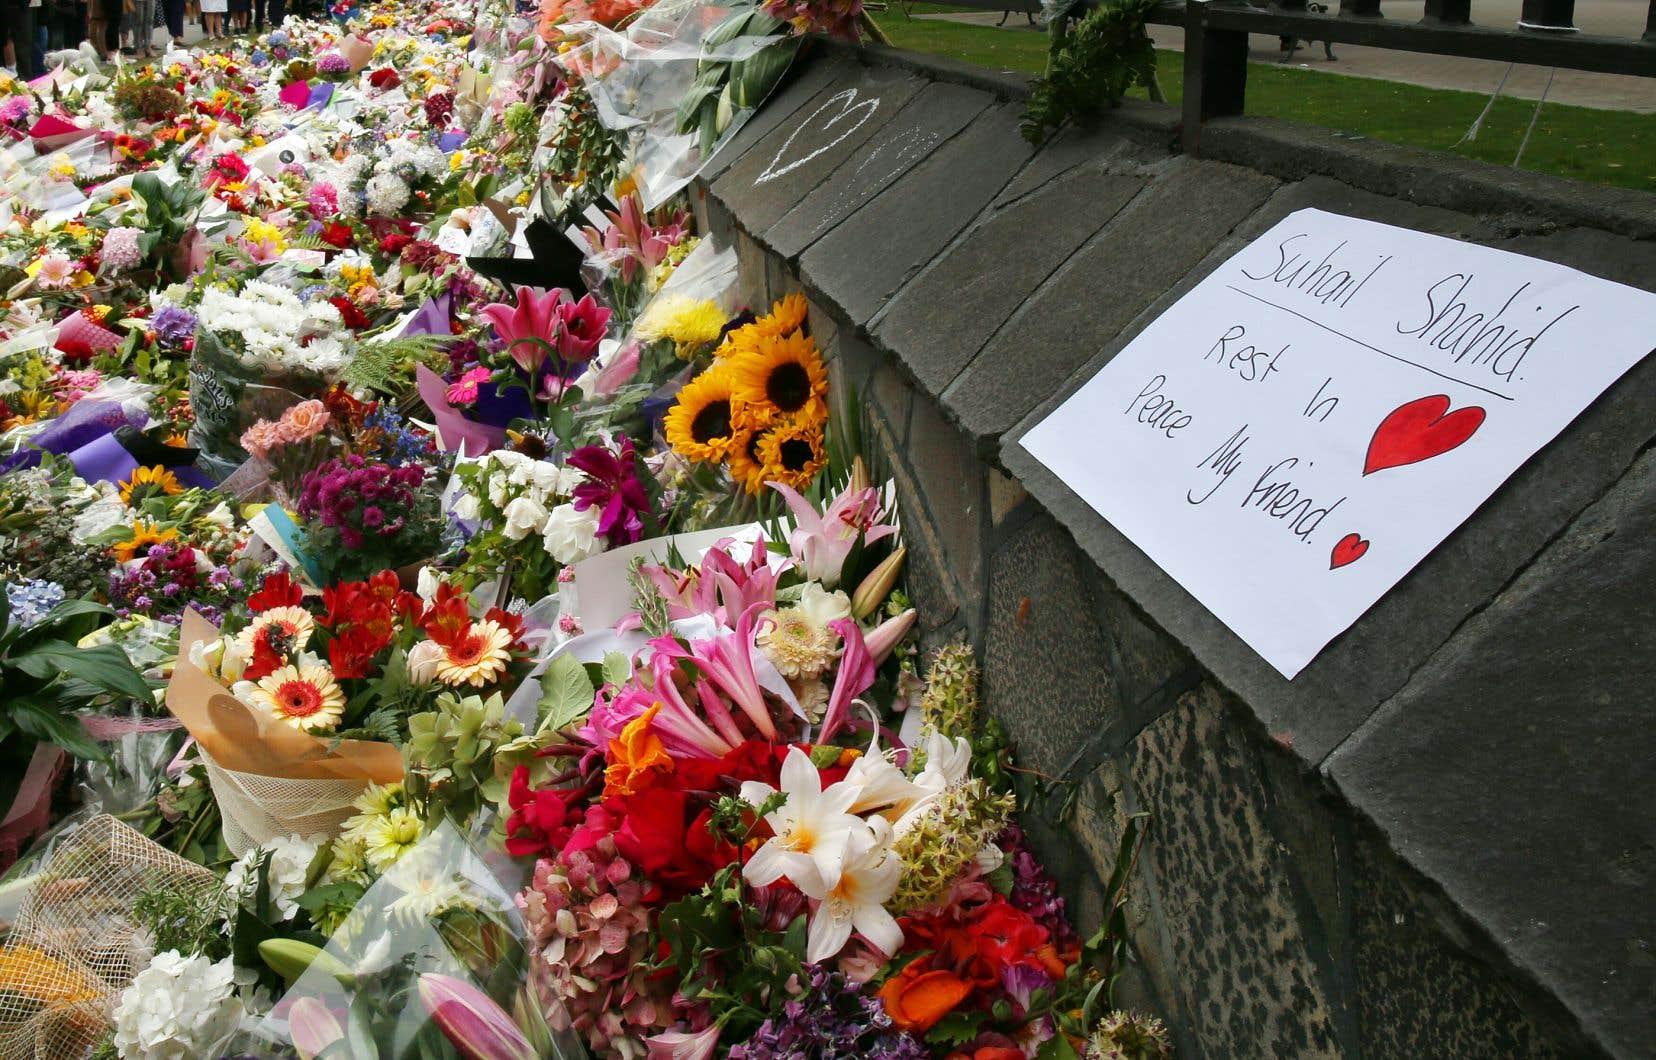 Des centaines de fleurs étaient empilées au milieu de bougies, de ballons, des notes de réconfort à l'extérieur de la mosquée Al Noor et dans les jardins botaniques de la ville.